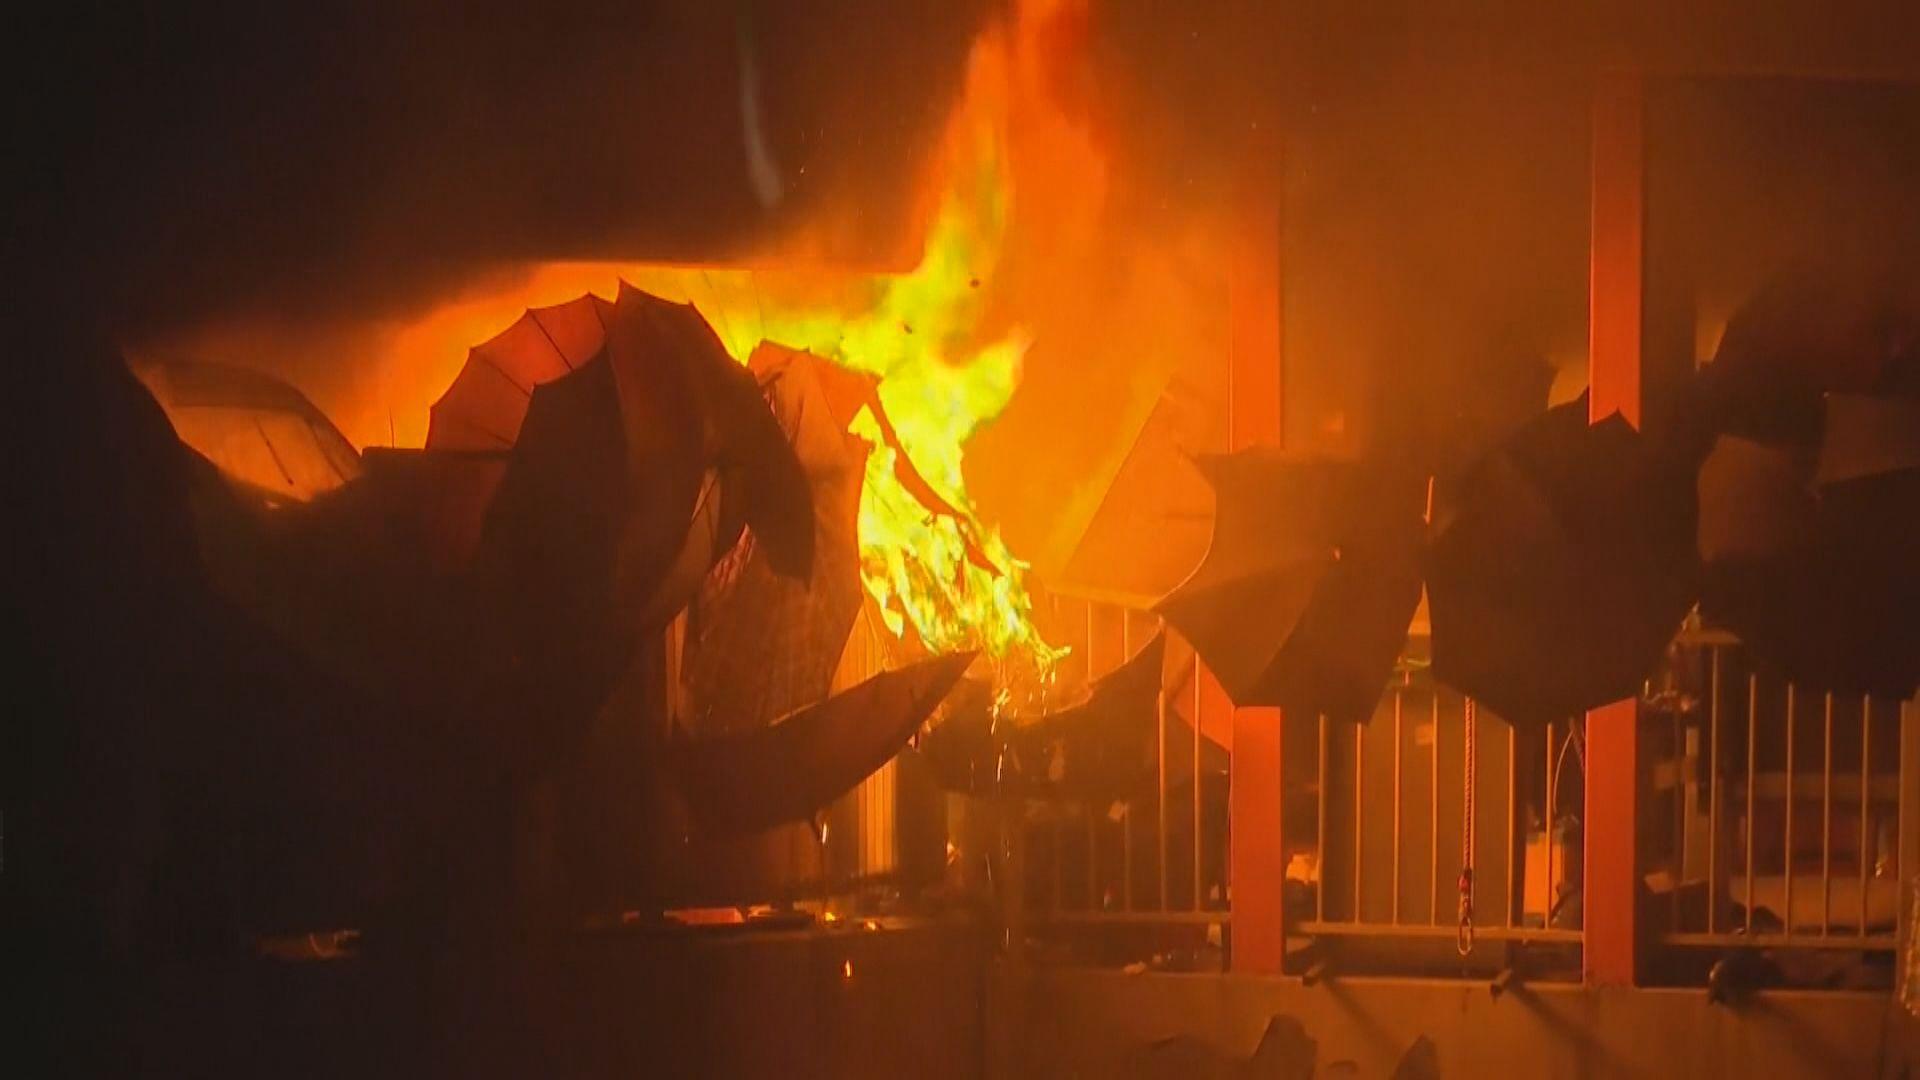 紅磡站通往理大天橋被縱火